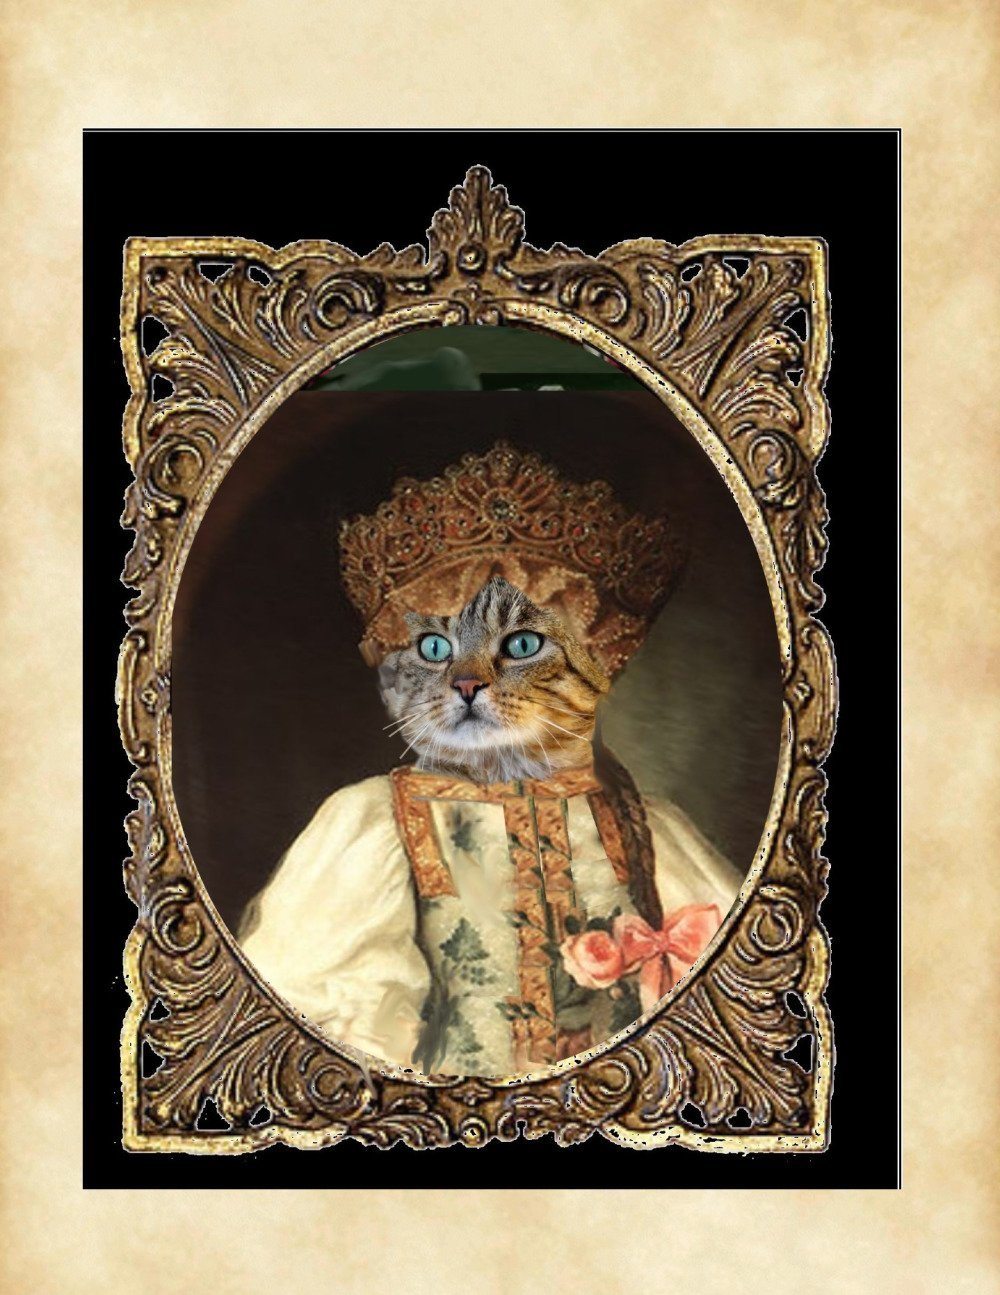 portrait de chat personnalisable ,  chat costumé en princesse russe, Anna Pavlovna